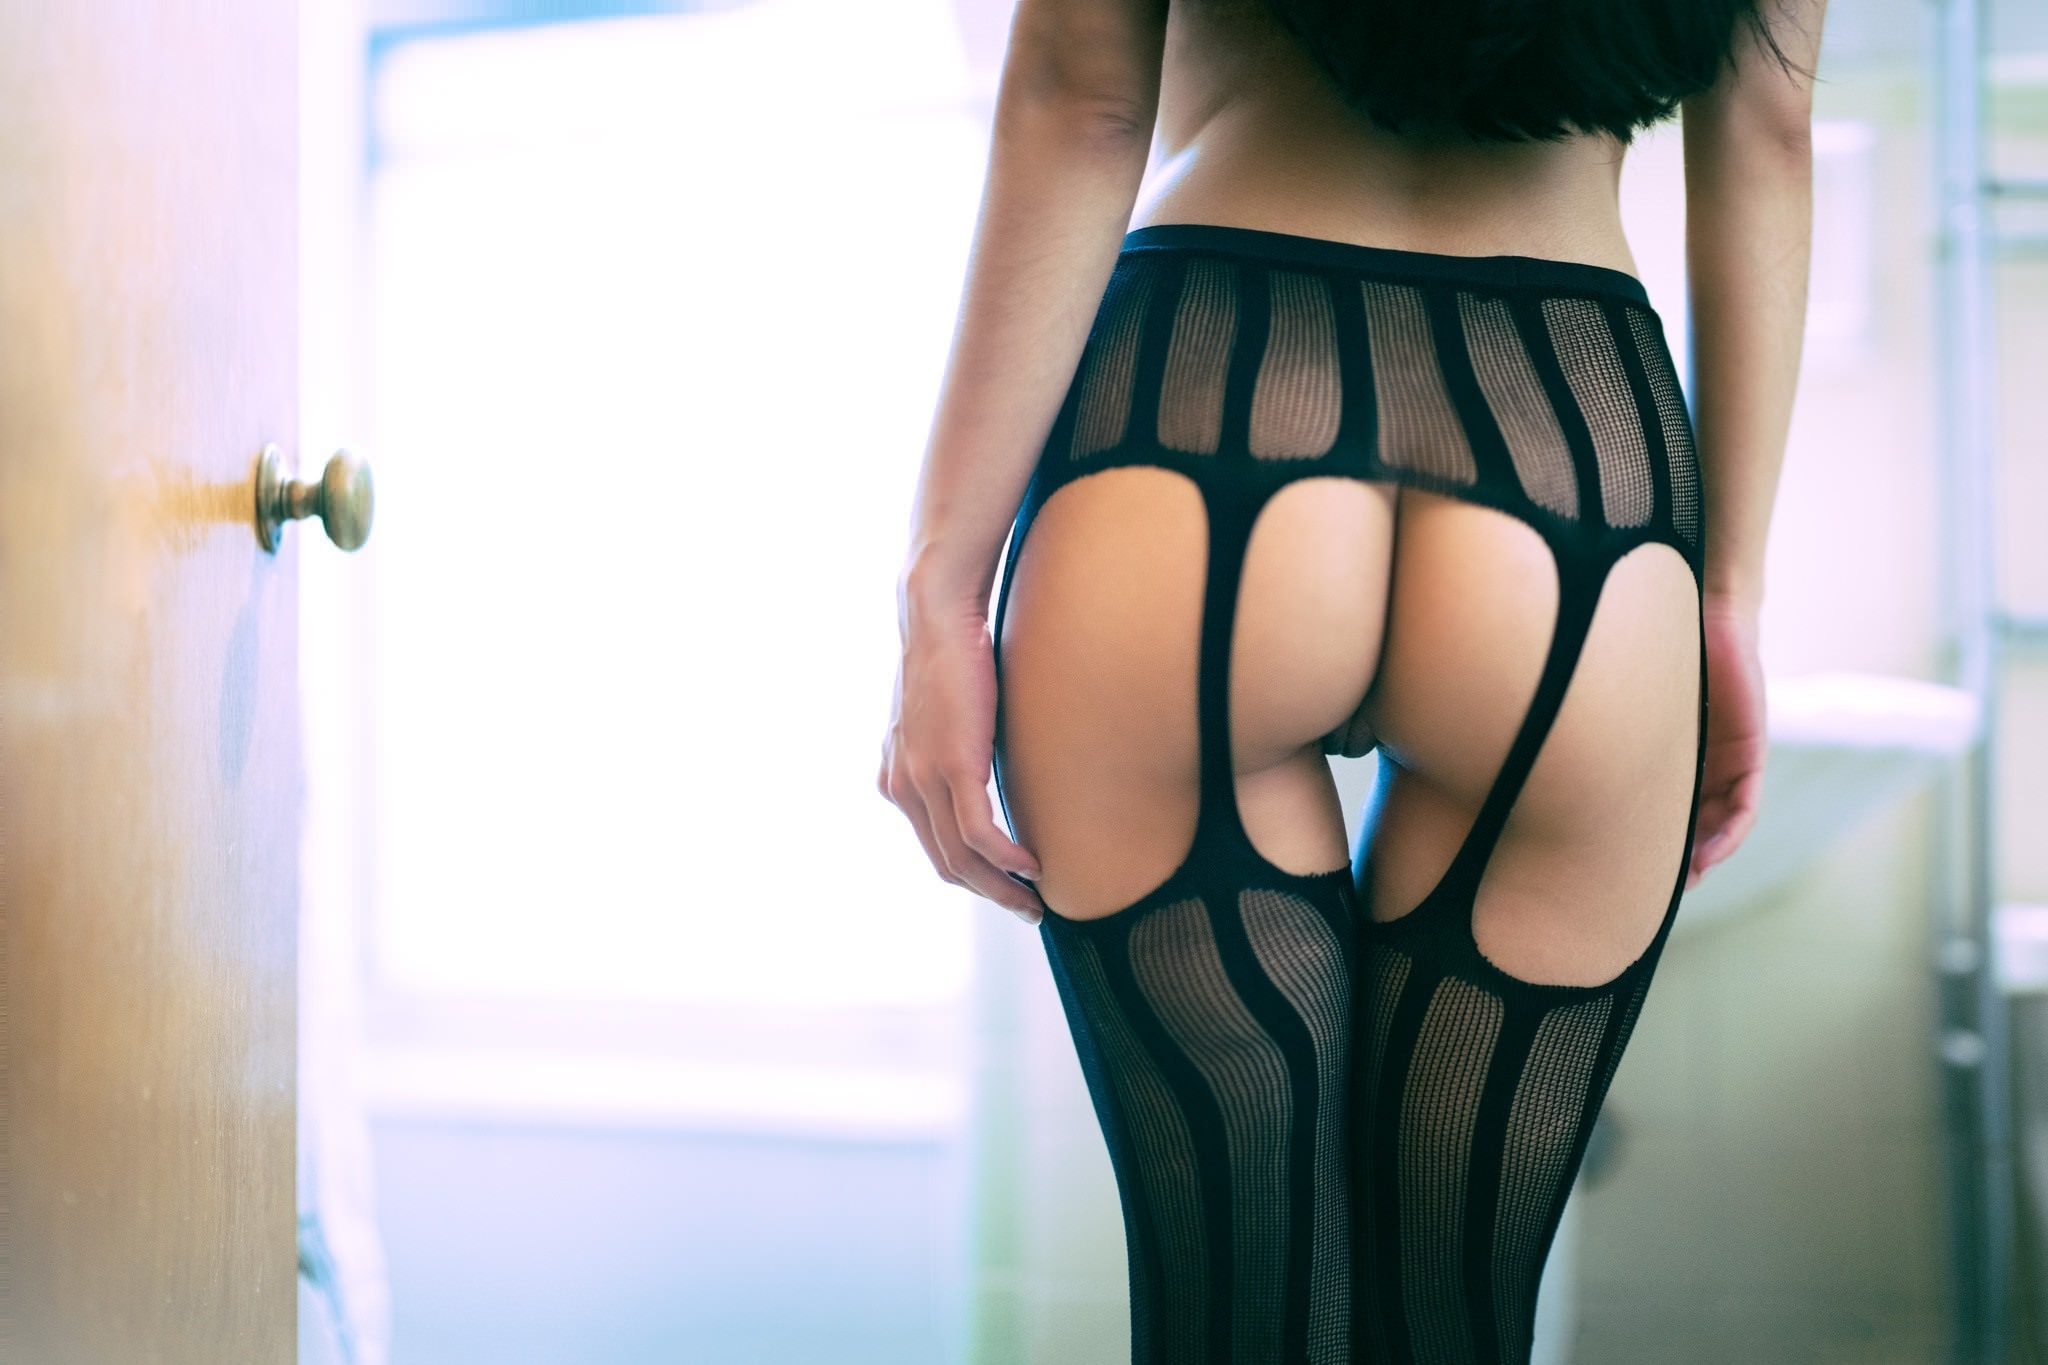 Фото Полосатые черные чулки на подвязках, голая попа, девушка в эротическом белье стоит в комнате, скачать картинку бесплатно